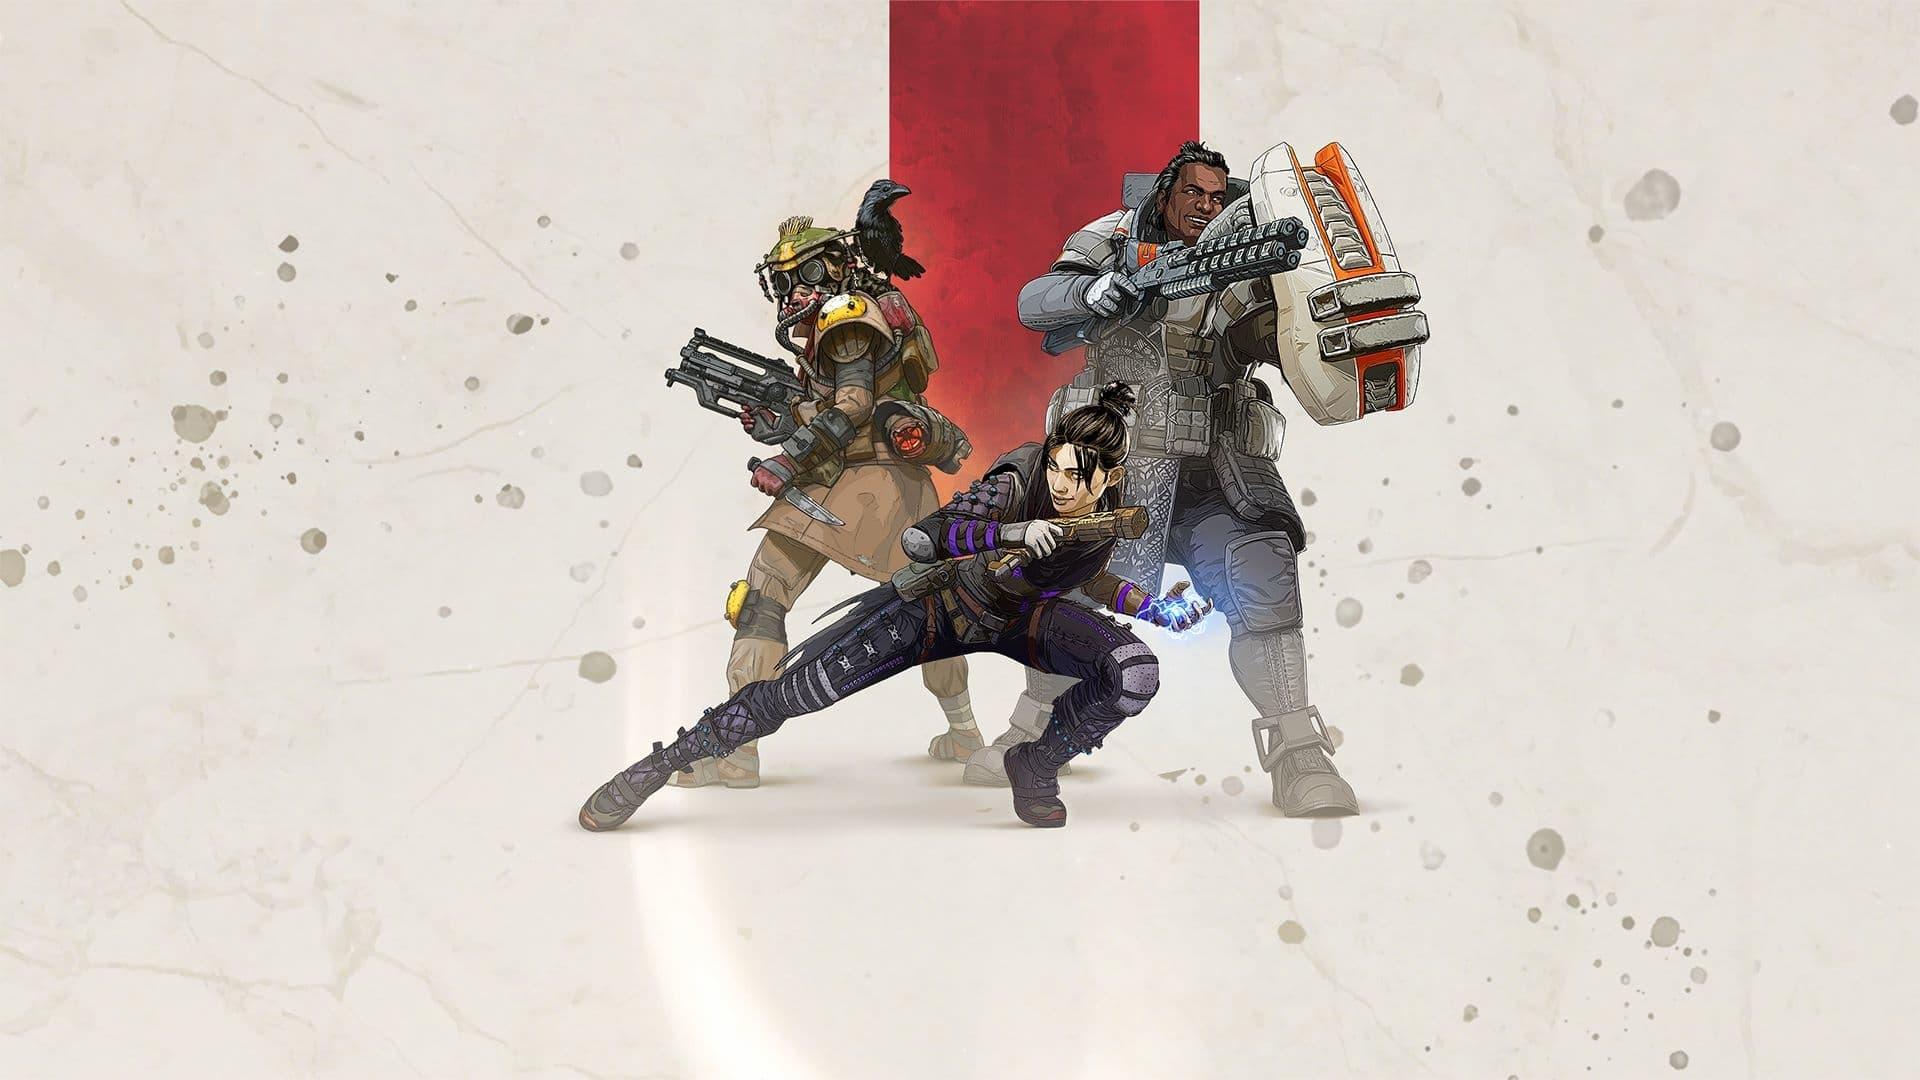 5 juegos como Call of Duty que debes probar 4